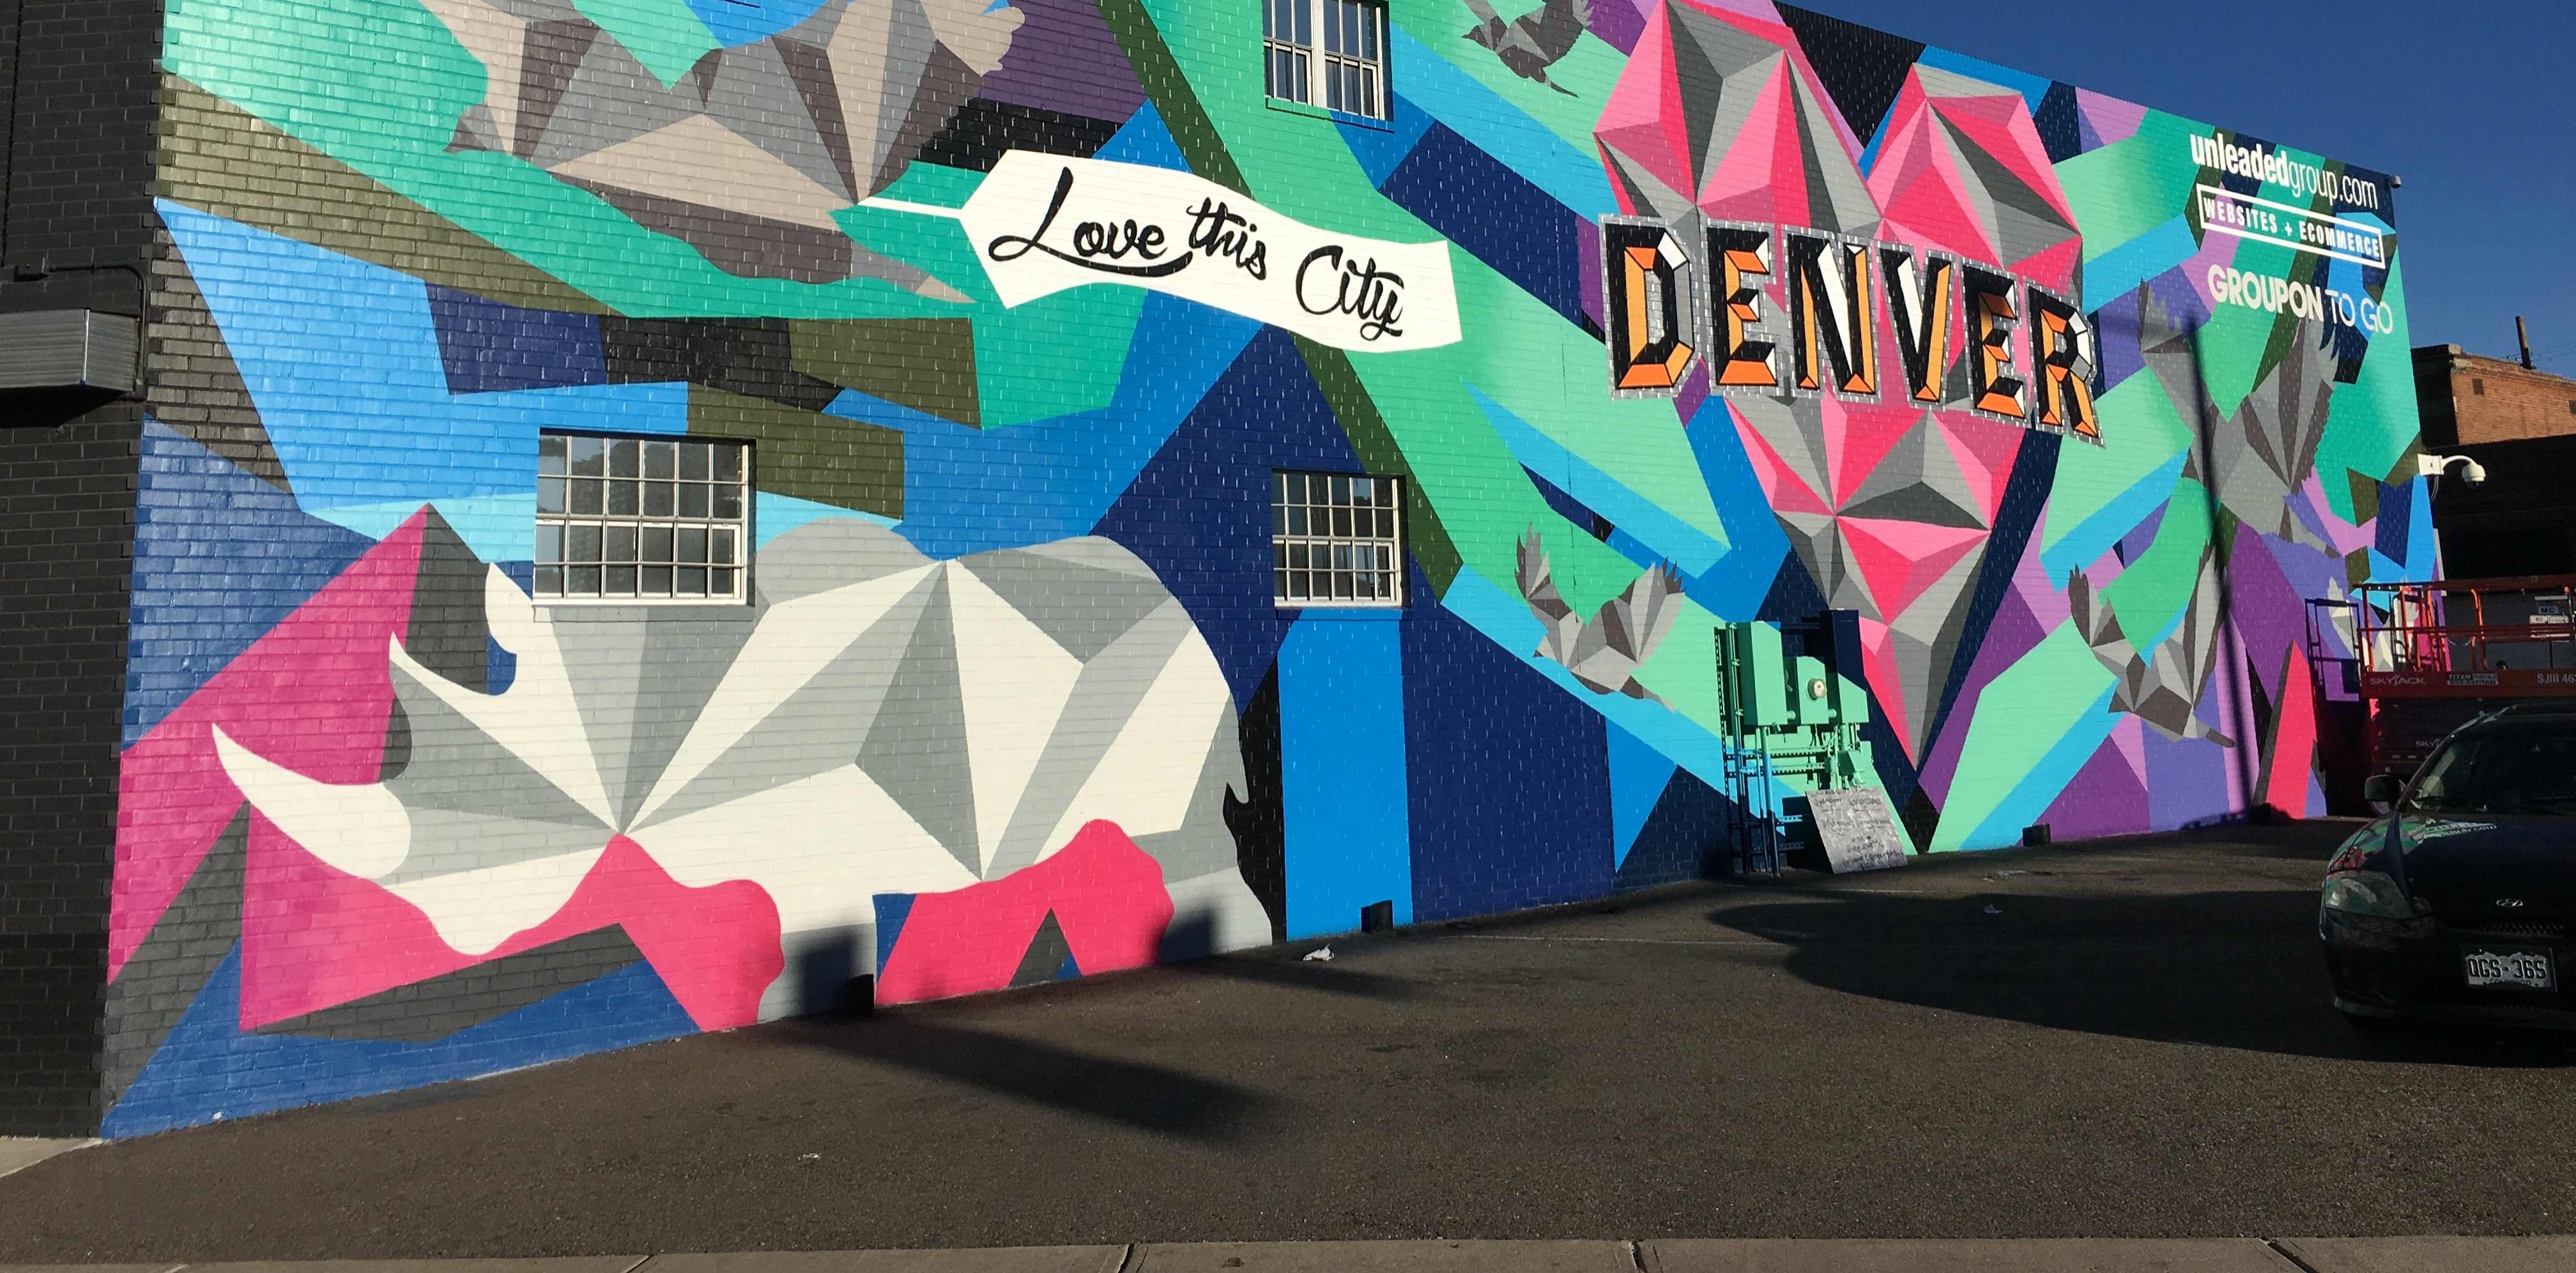 Denver's 'Love This City' Mural Artist | VISIT DENVER Blog